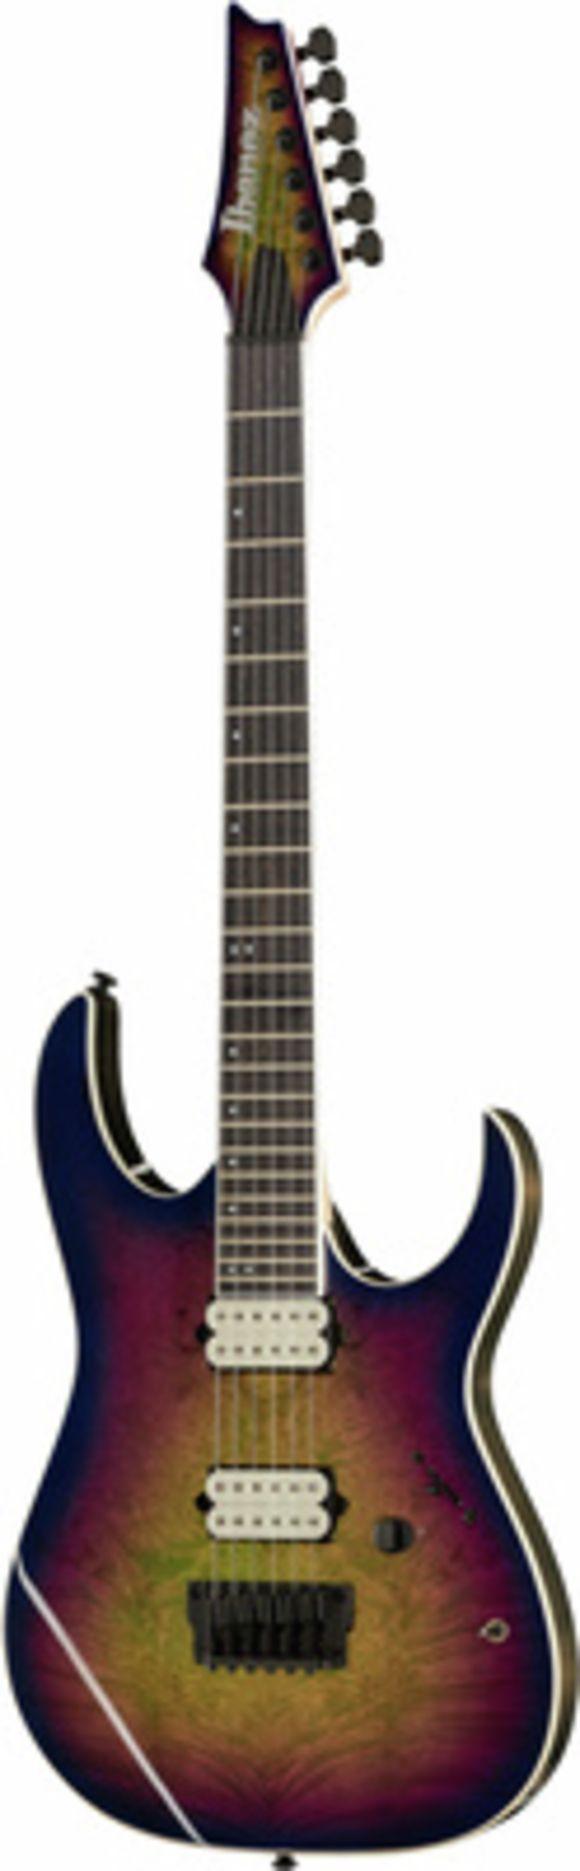 RGIX6FDLB-NLB Ibanez